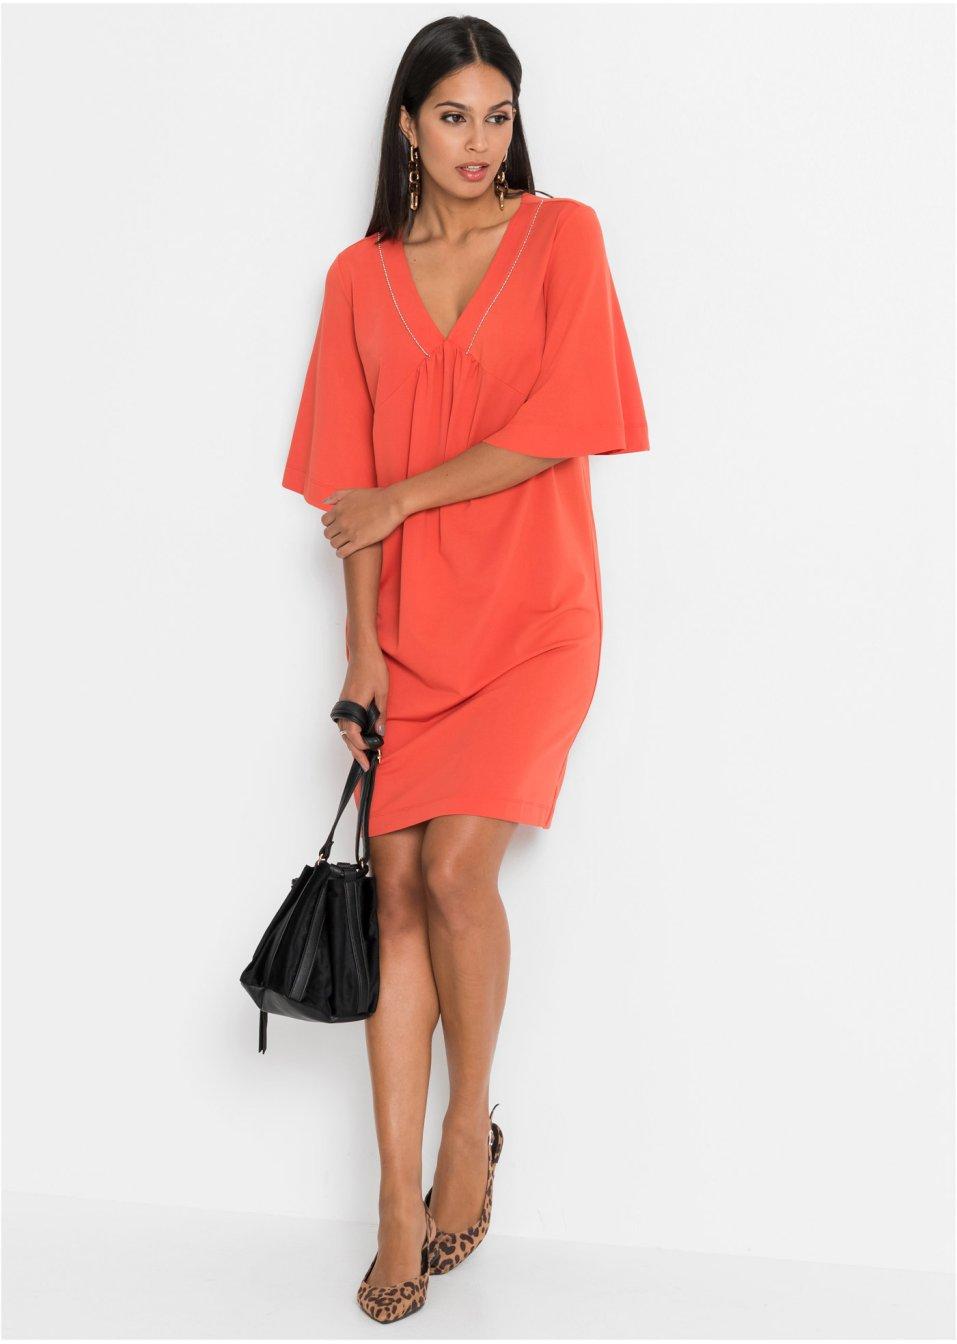 Mode Femme Vêtements DJLfdOFlkj Robe mode avec décolleté en V et pierres décoratives orange mat